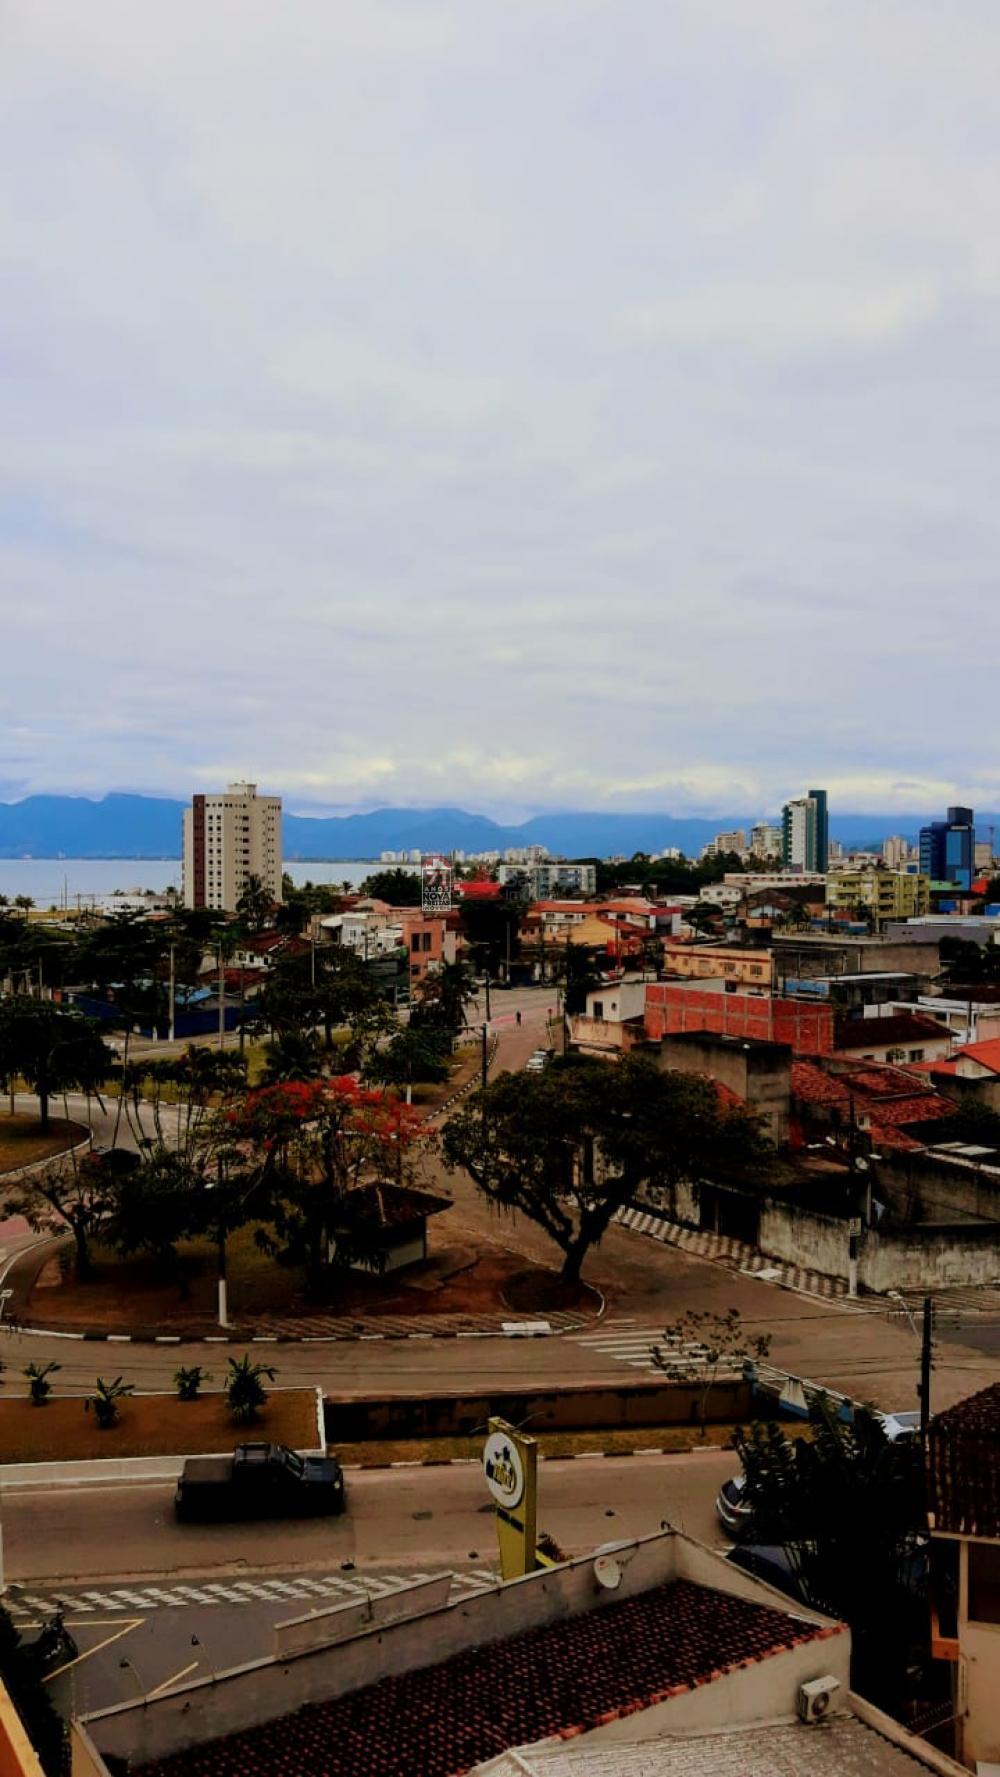 Comprar Apartamento / Padrão em Caraguatatuba apenas R$ 310.000,00 - Foto 3